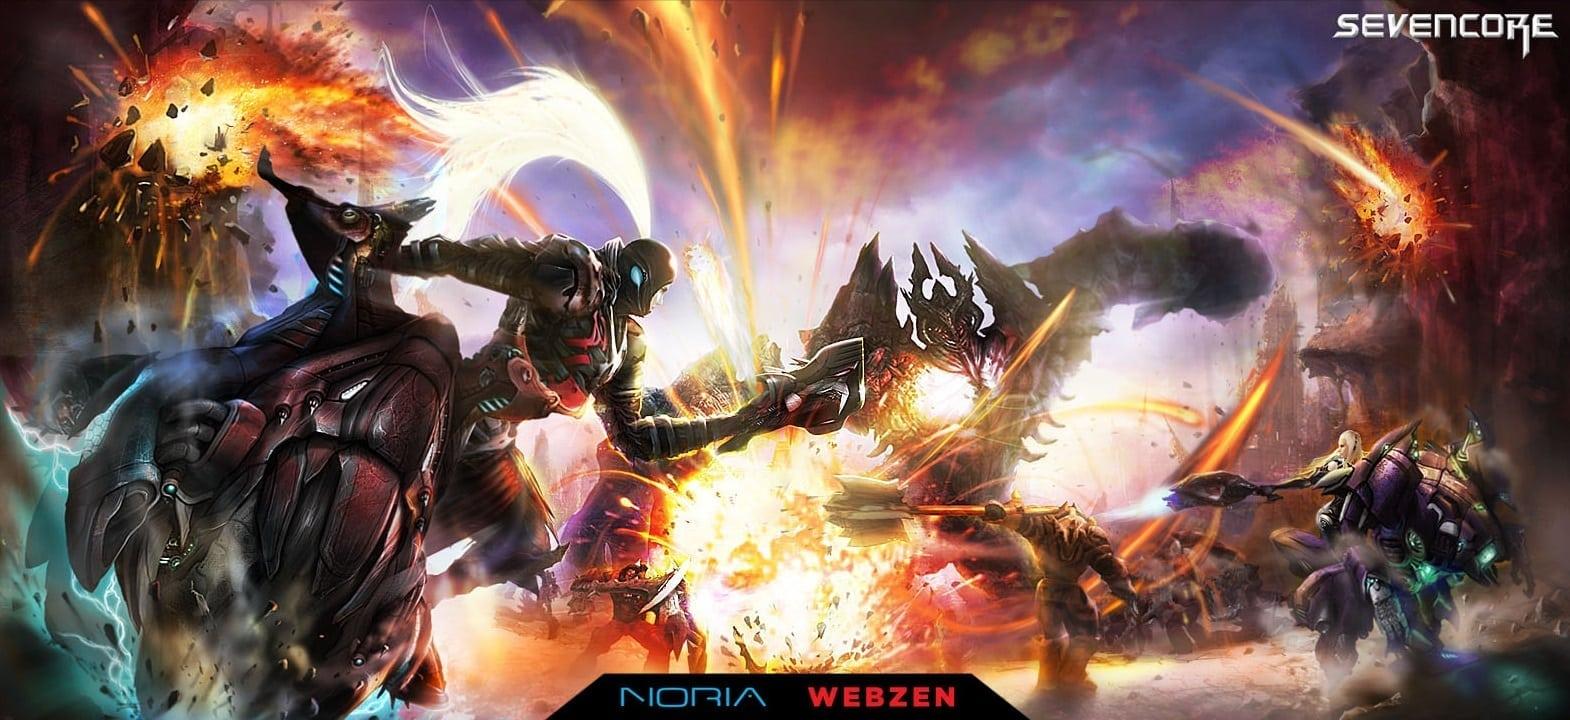 SevenCore artwork 1